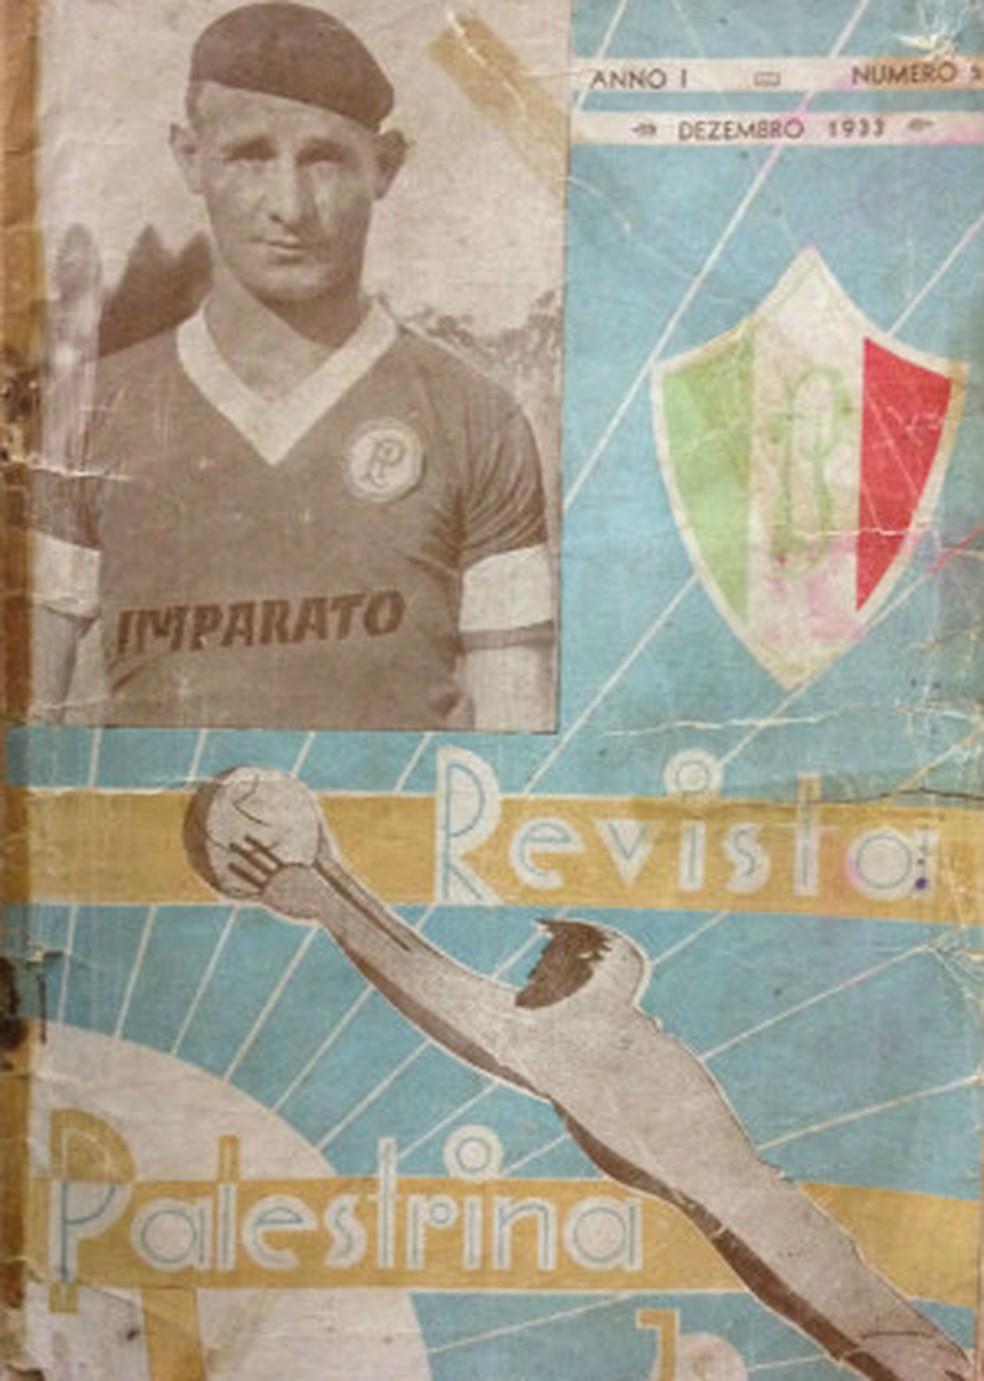 Luiz Imparato foi destaque na revista Palestrina — Foto: Felipe Zito